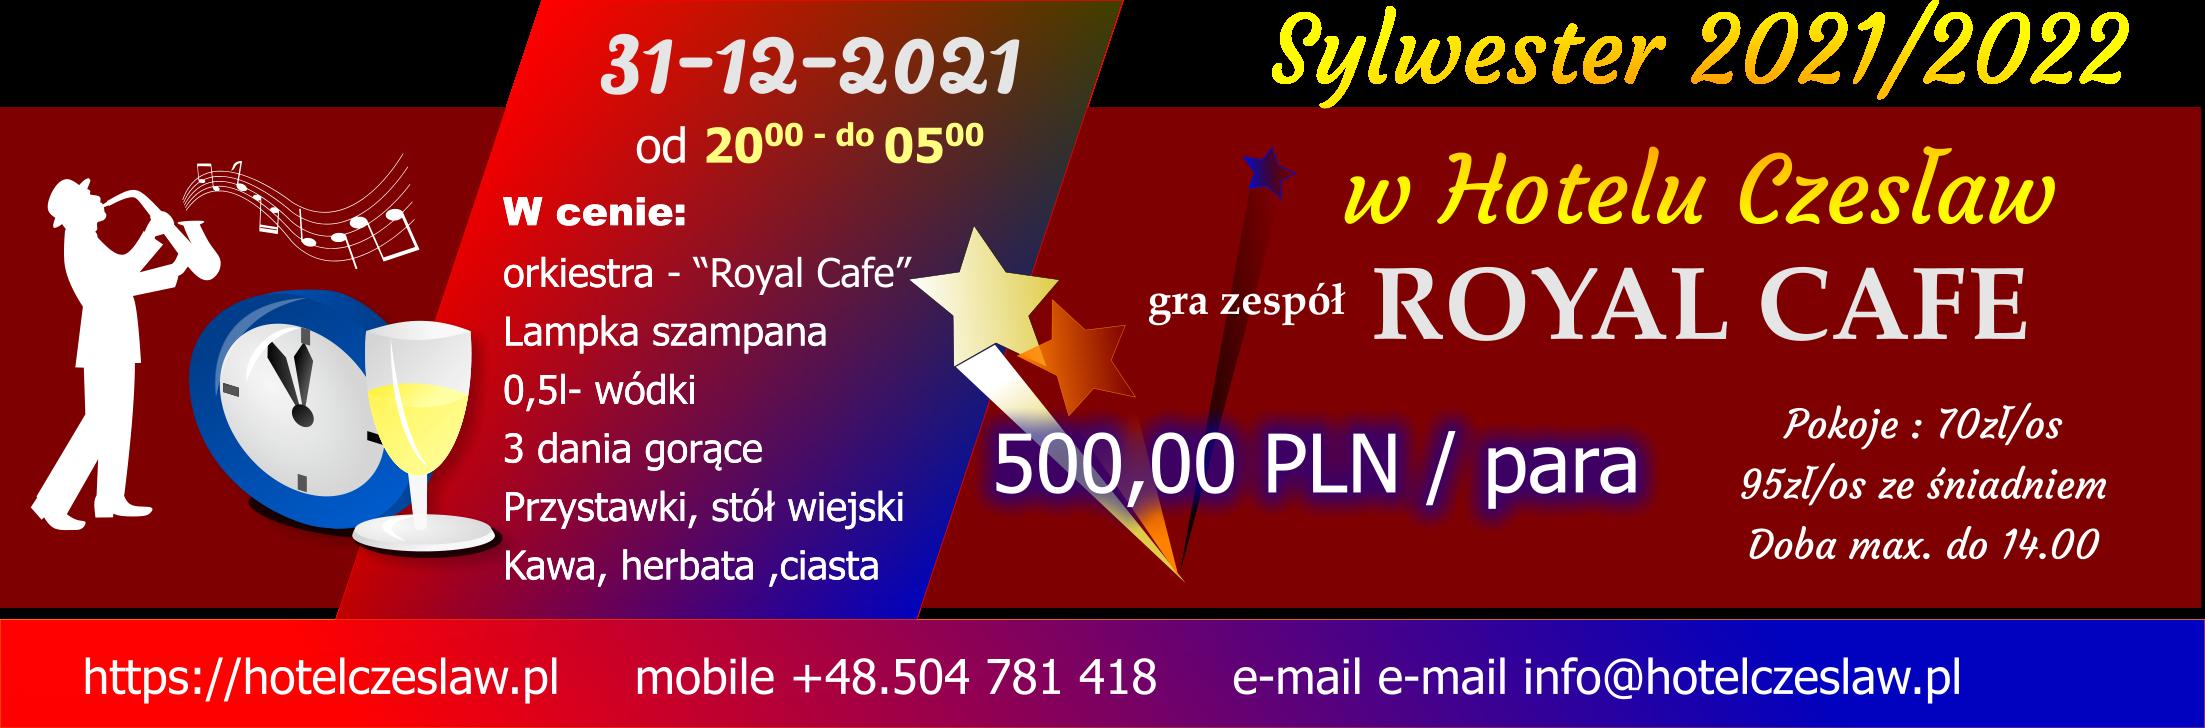 Sylwester 2021/2022 na Mazurach, Hotel Czesław zaprasza do Giżycka